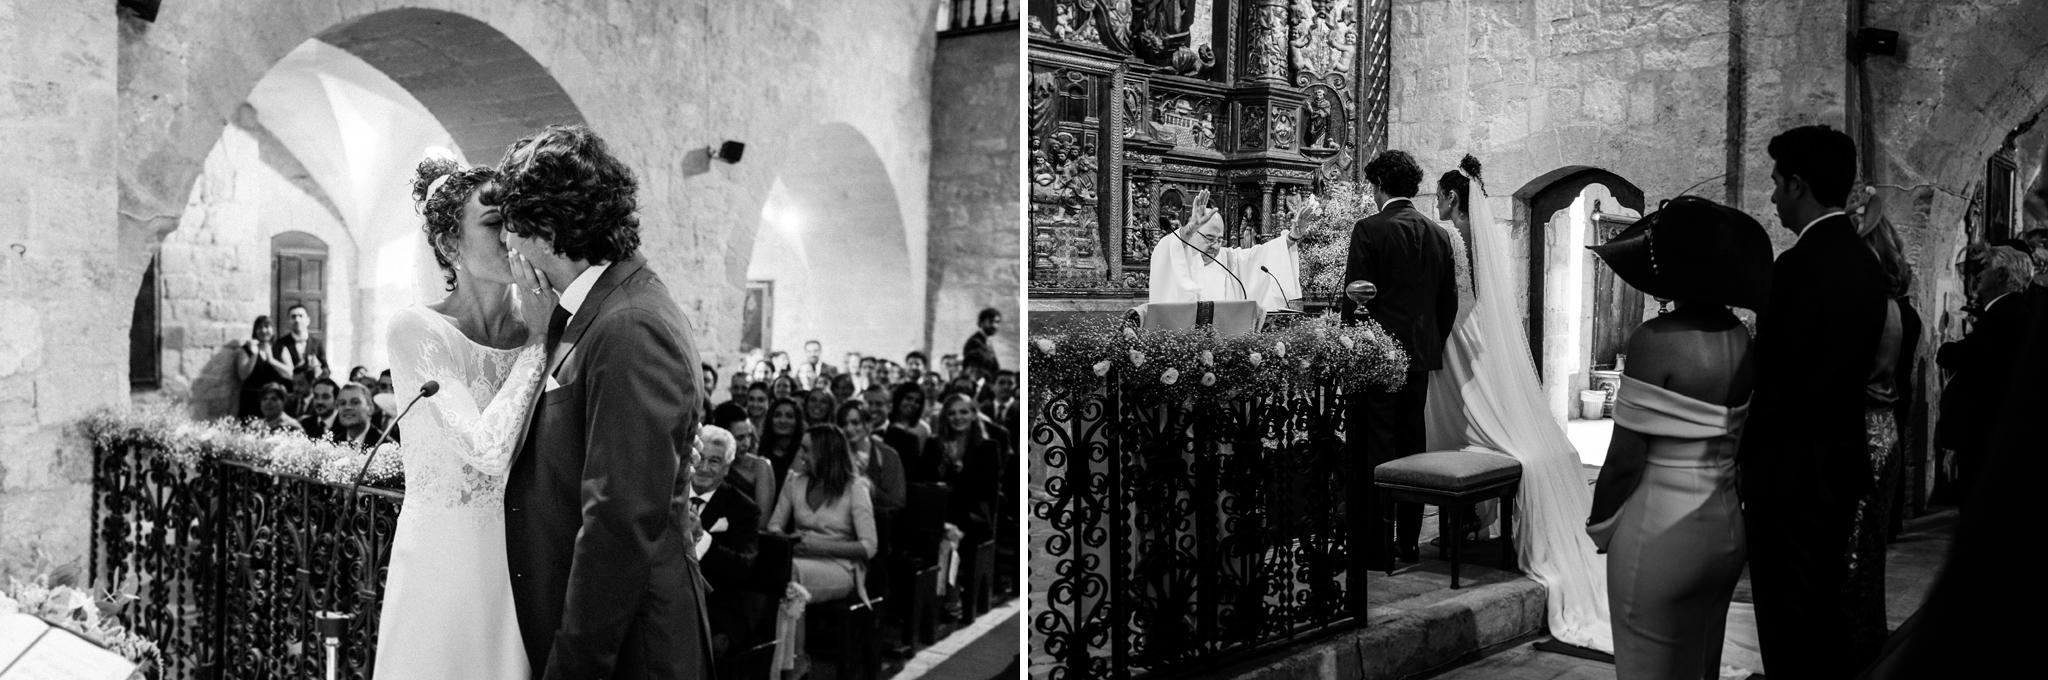 fotografia-bodas-castell-tamarit0036.jpg